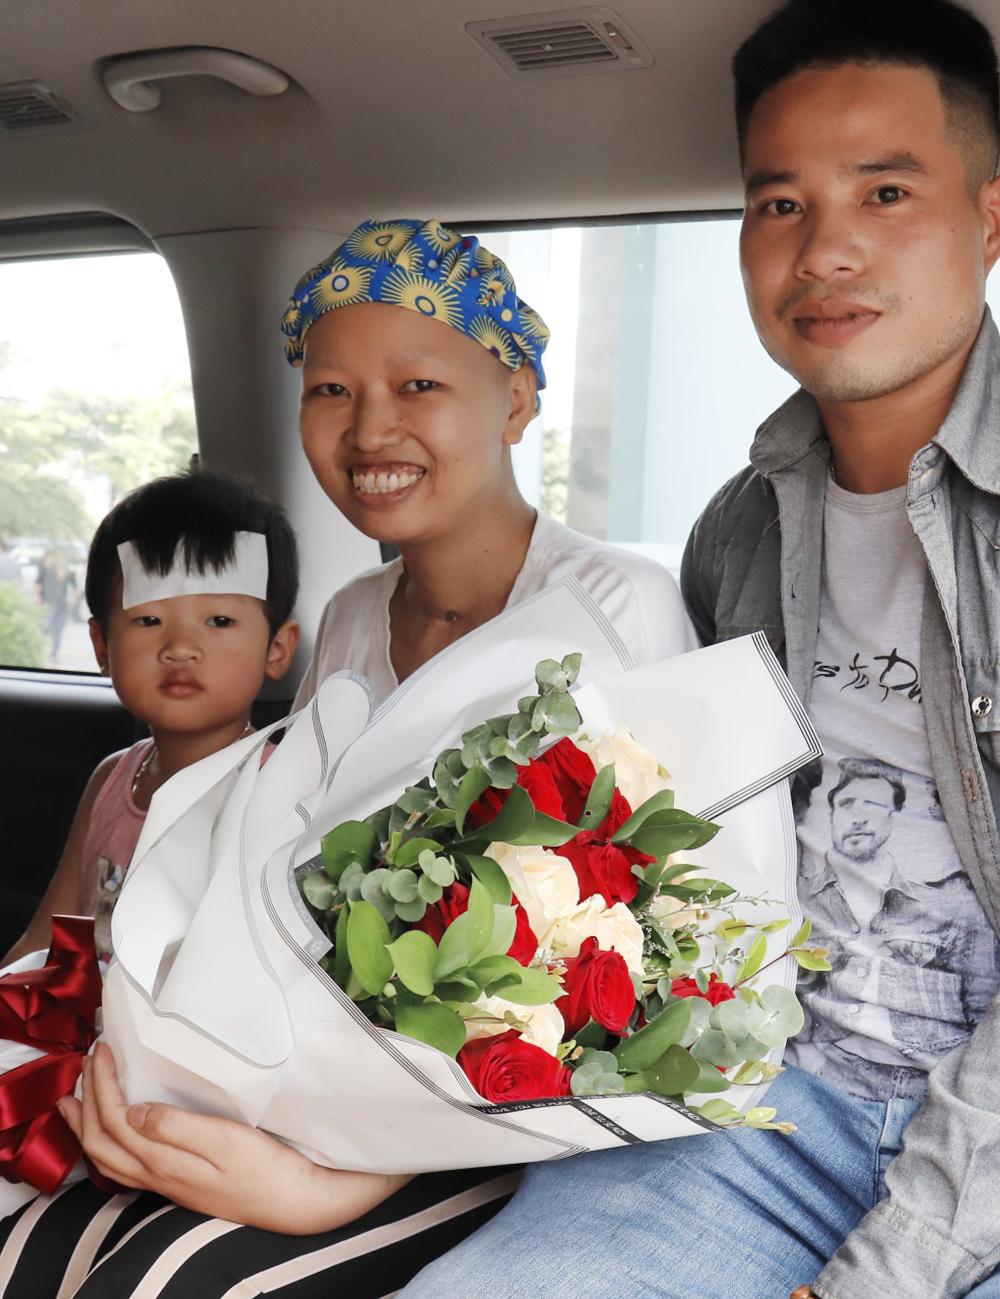 Đỗ Bình An đã được 6 tháng tuổi: Câu chuyện phi thường của người mẹ ung thư giai đoạn cuối, quyết sinh con bằng tất cả tình yêu thương và lòng dũng cảm - Ảnh 10.